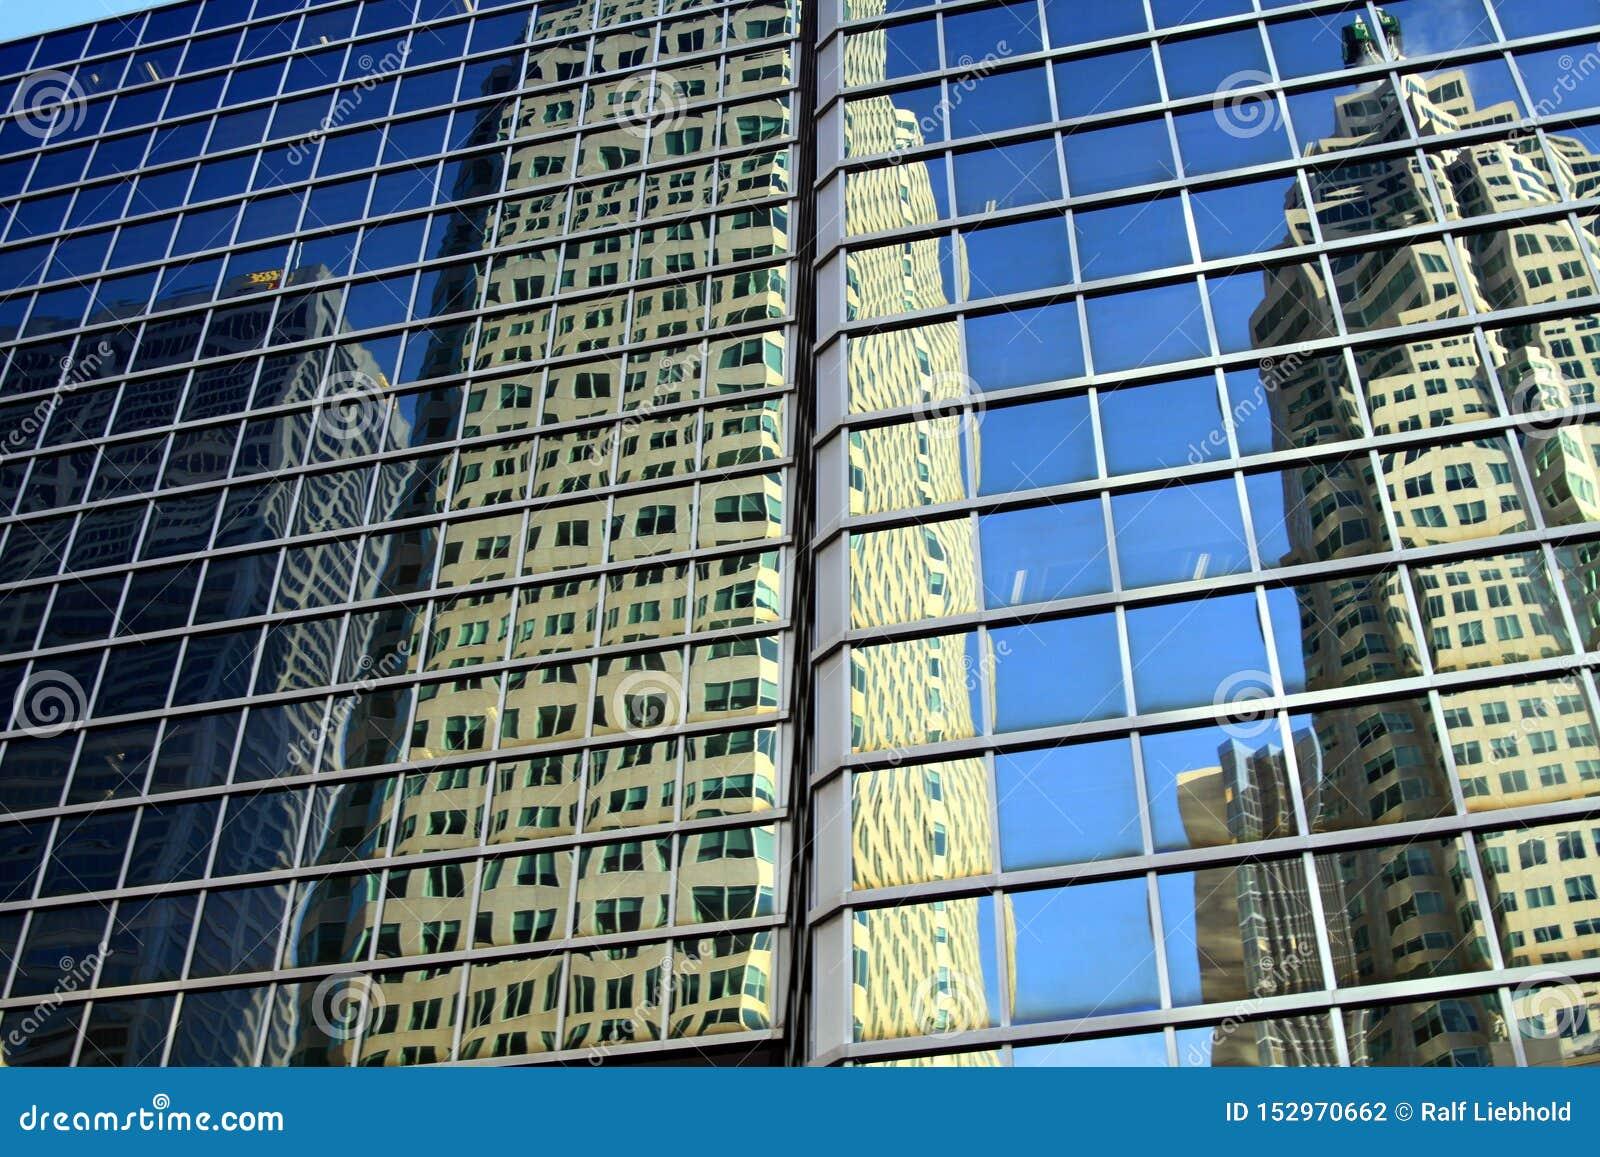 ТОРОНТО, КАНАДА - 8-ОЕ ЯНВАРЯ 2012: Небоскребы и безоблачное голубое небо отражая в стеклянном фасаде